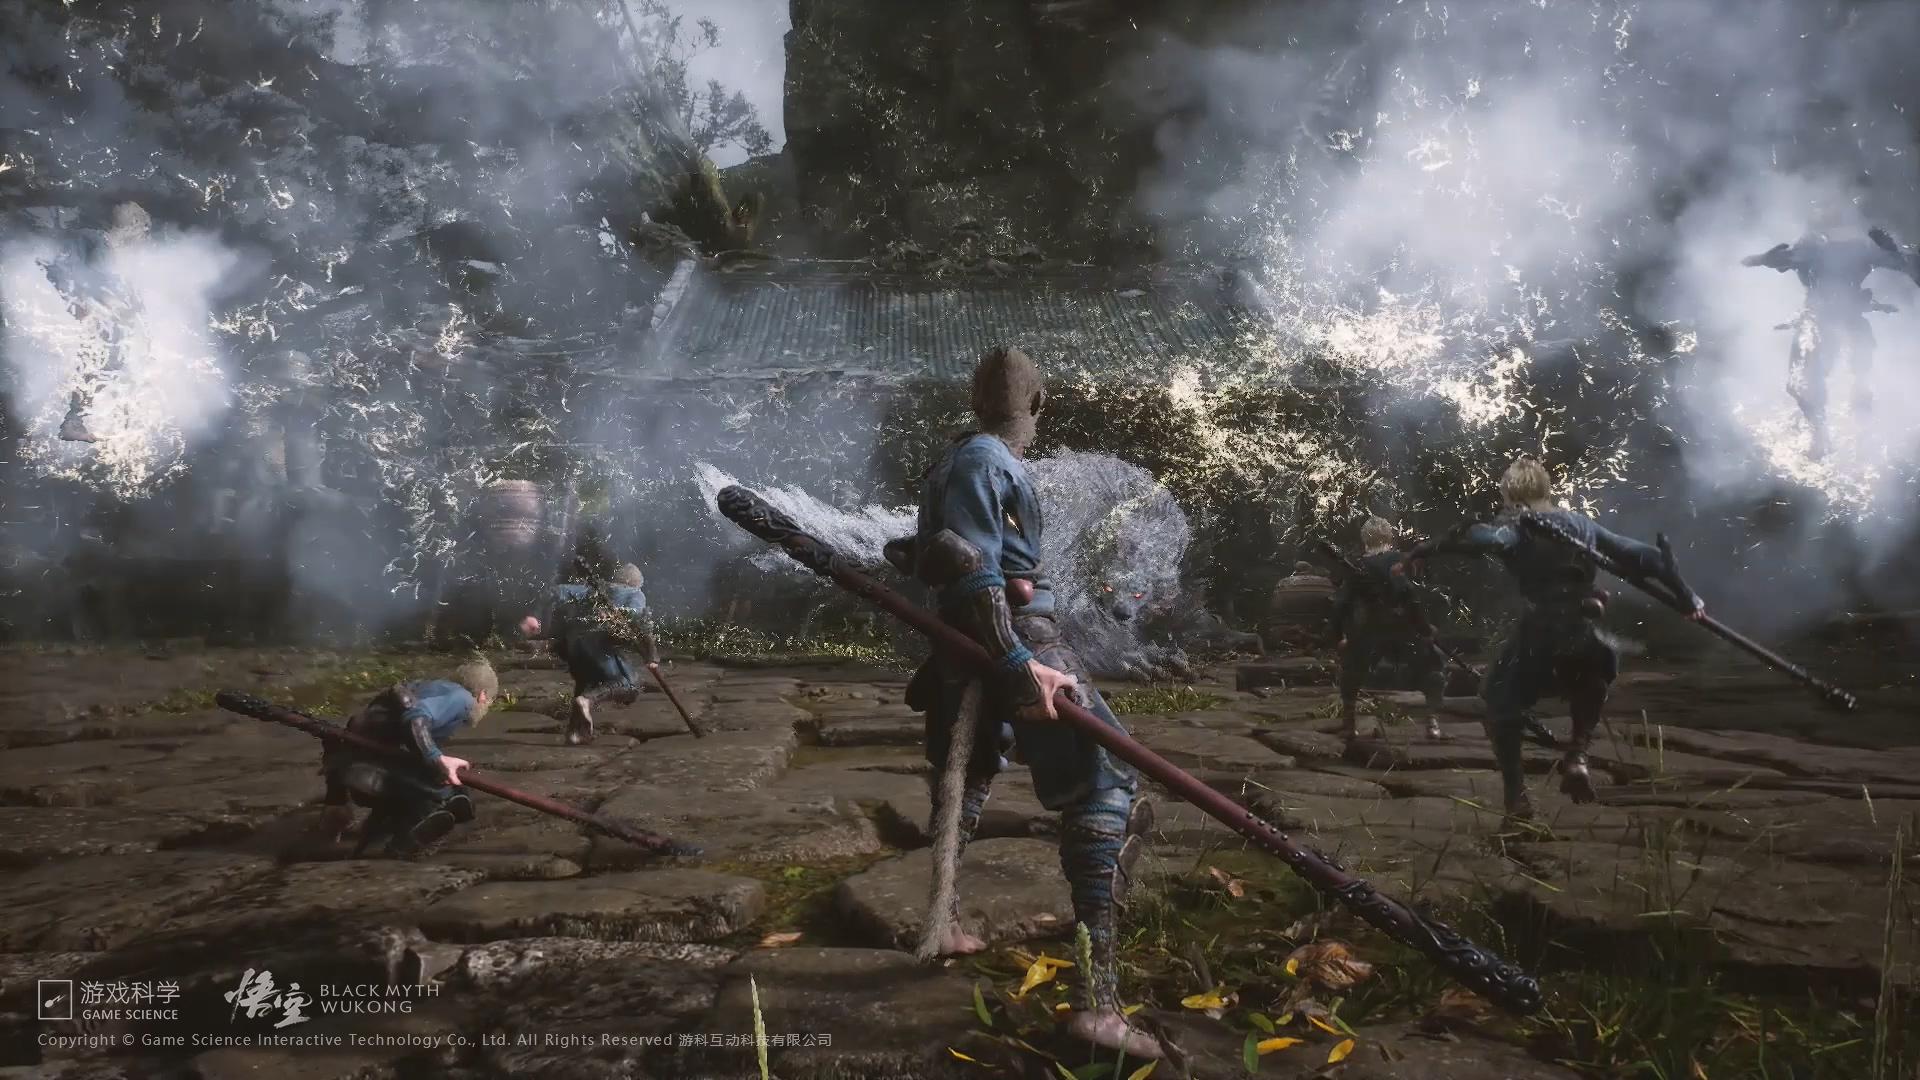 Black Myth: Wu Kong annunciato per Console e PC 5